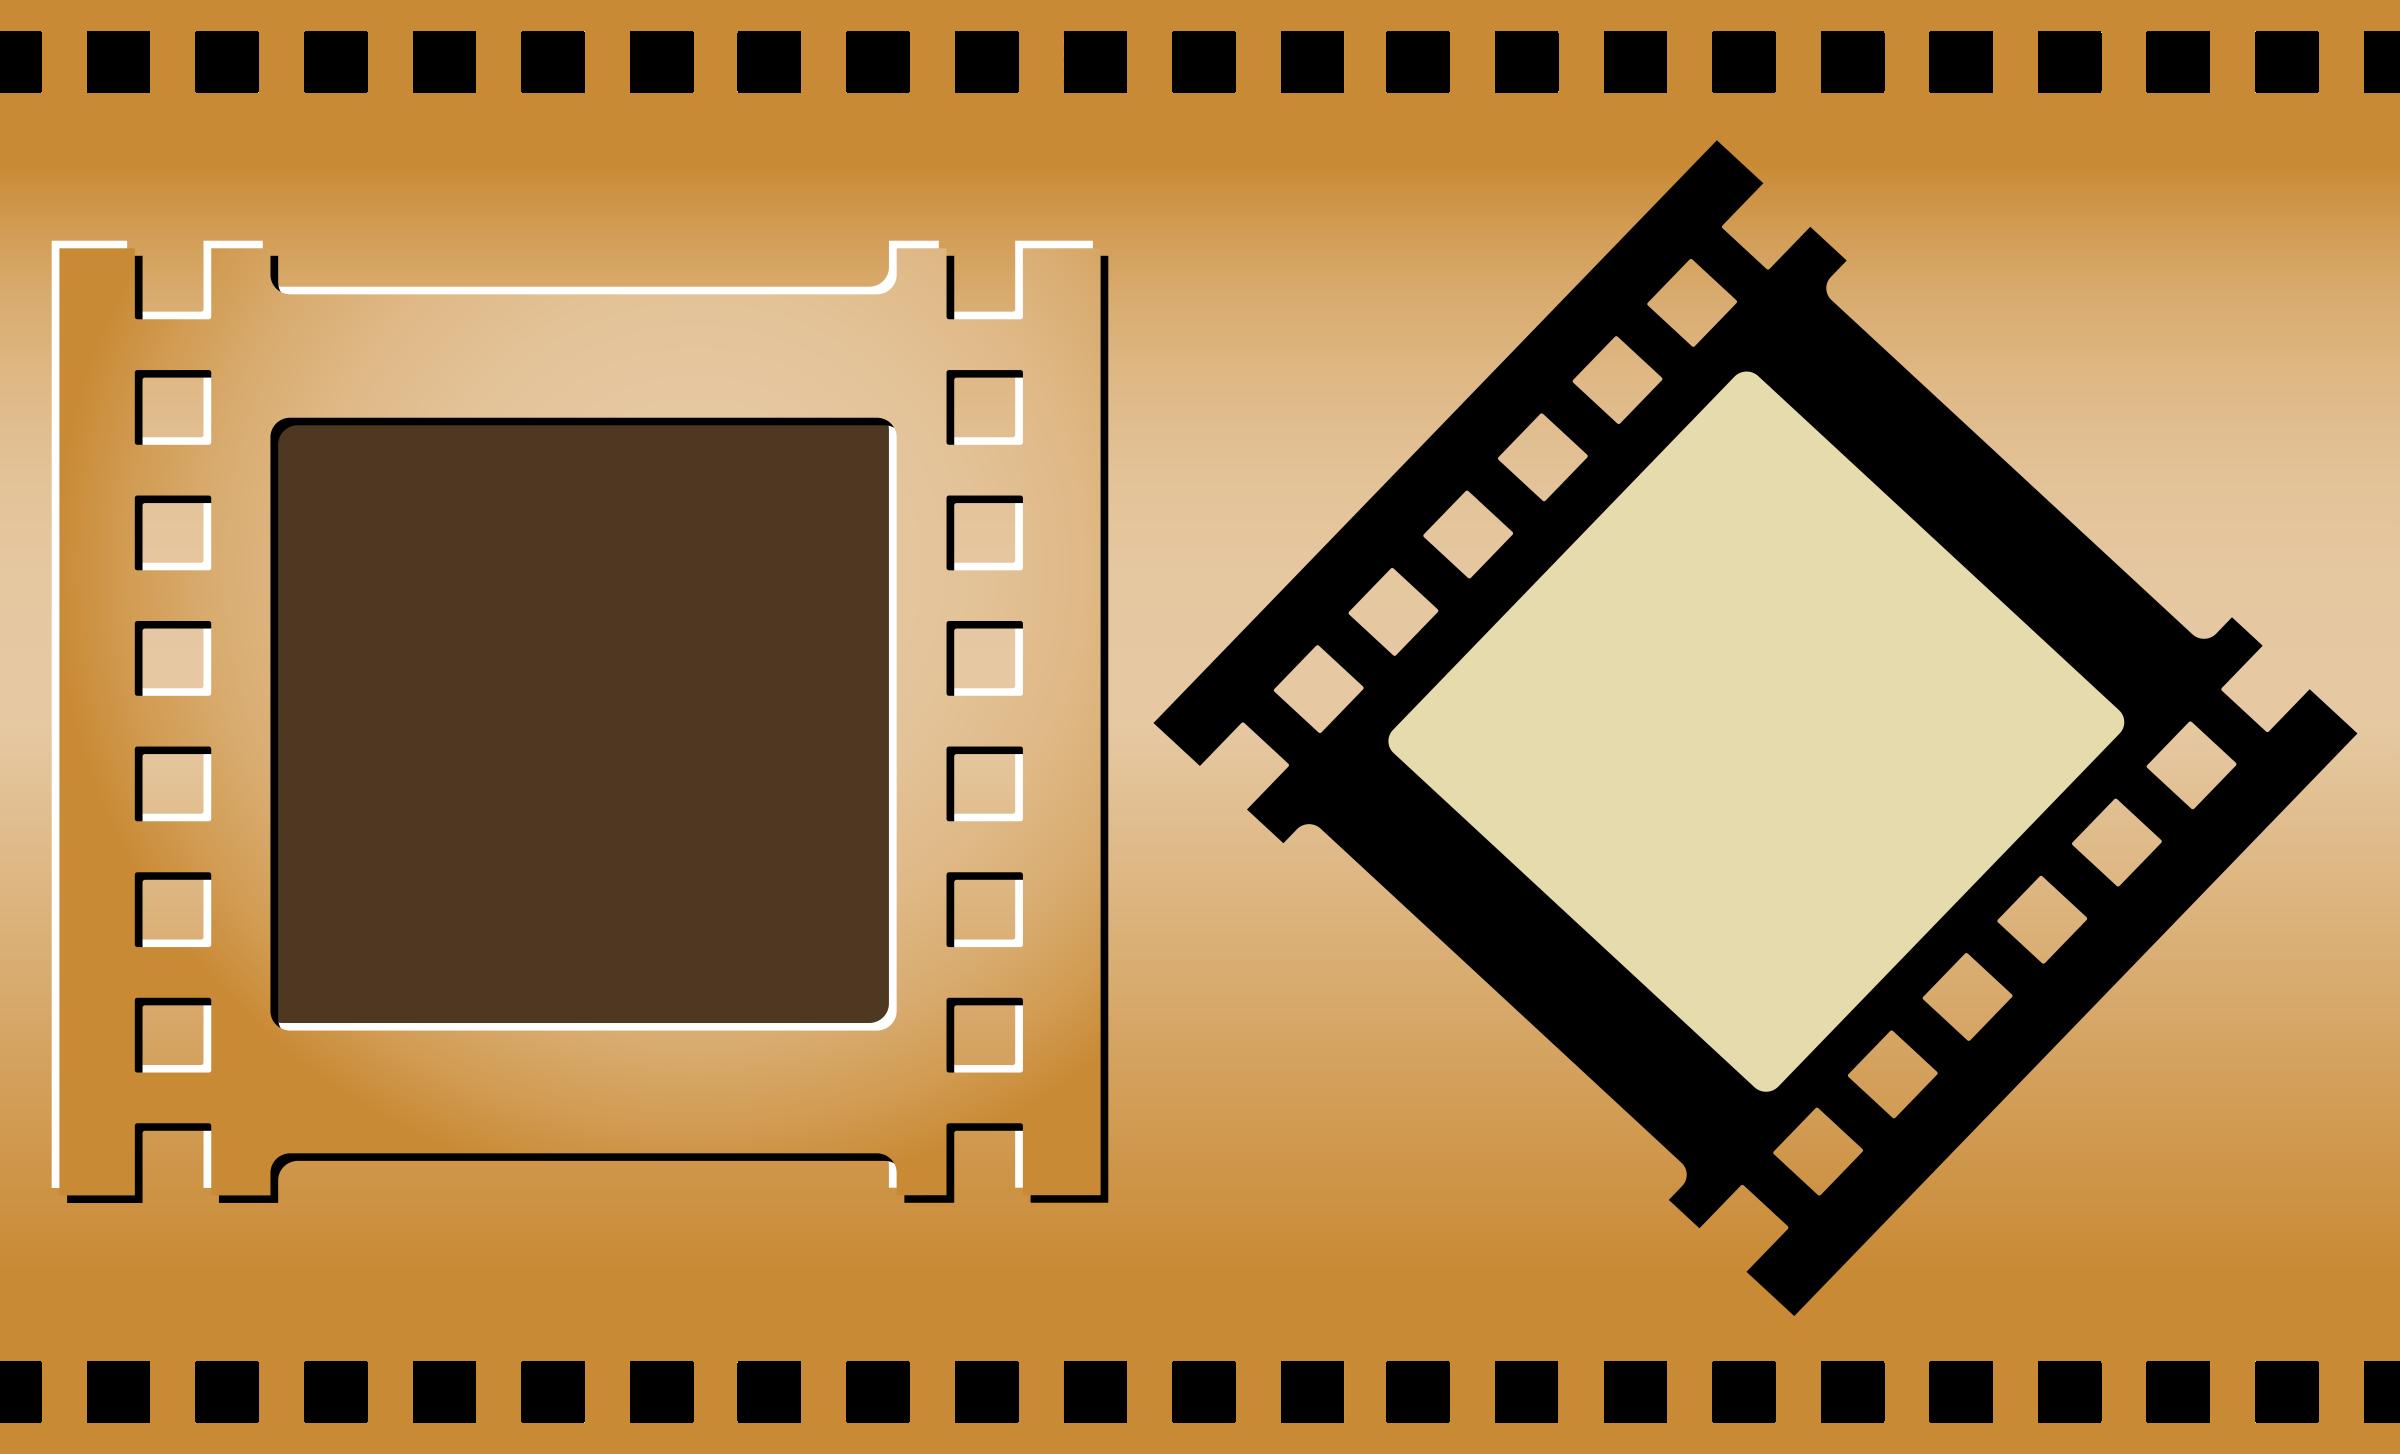 Movie clipart frames illustrations. Film frame png